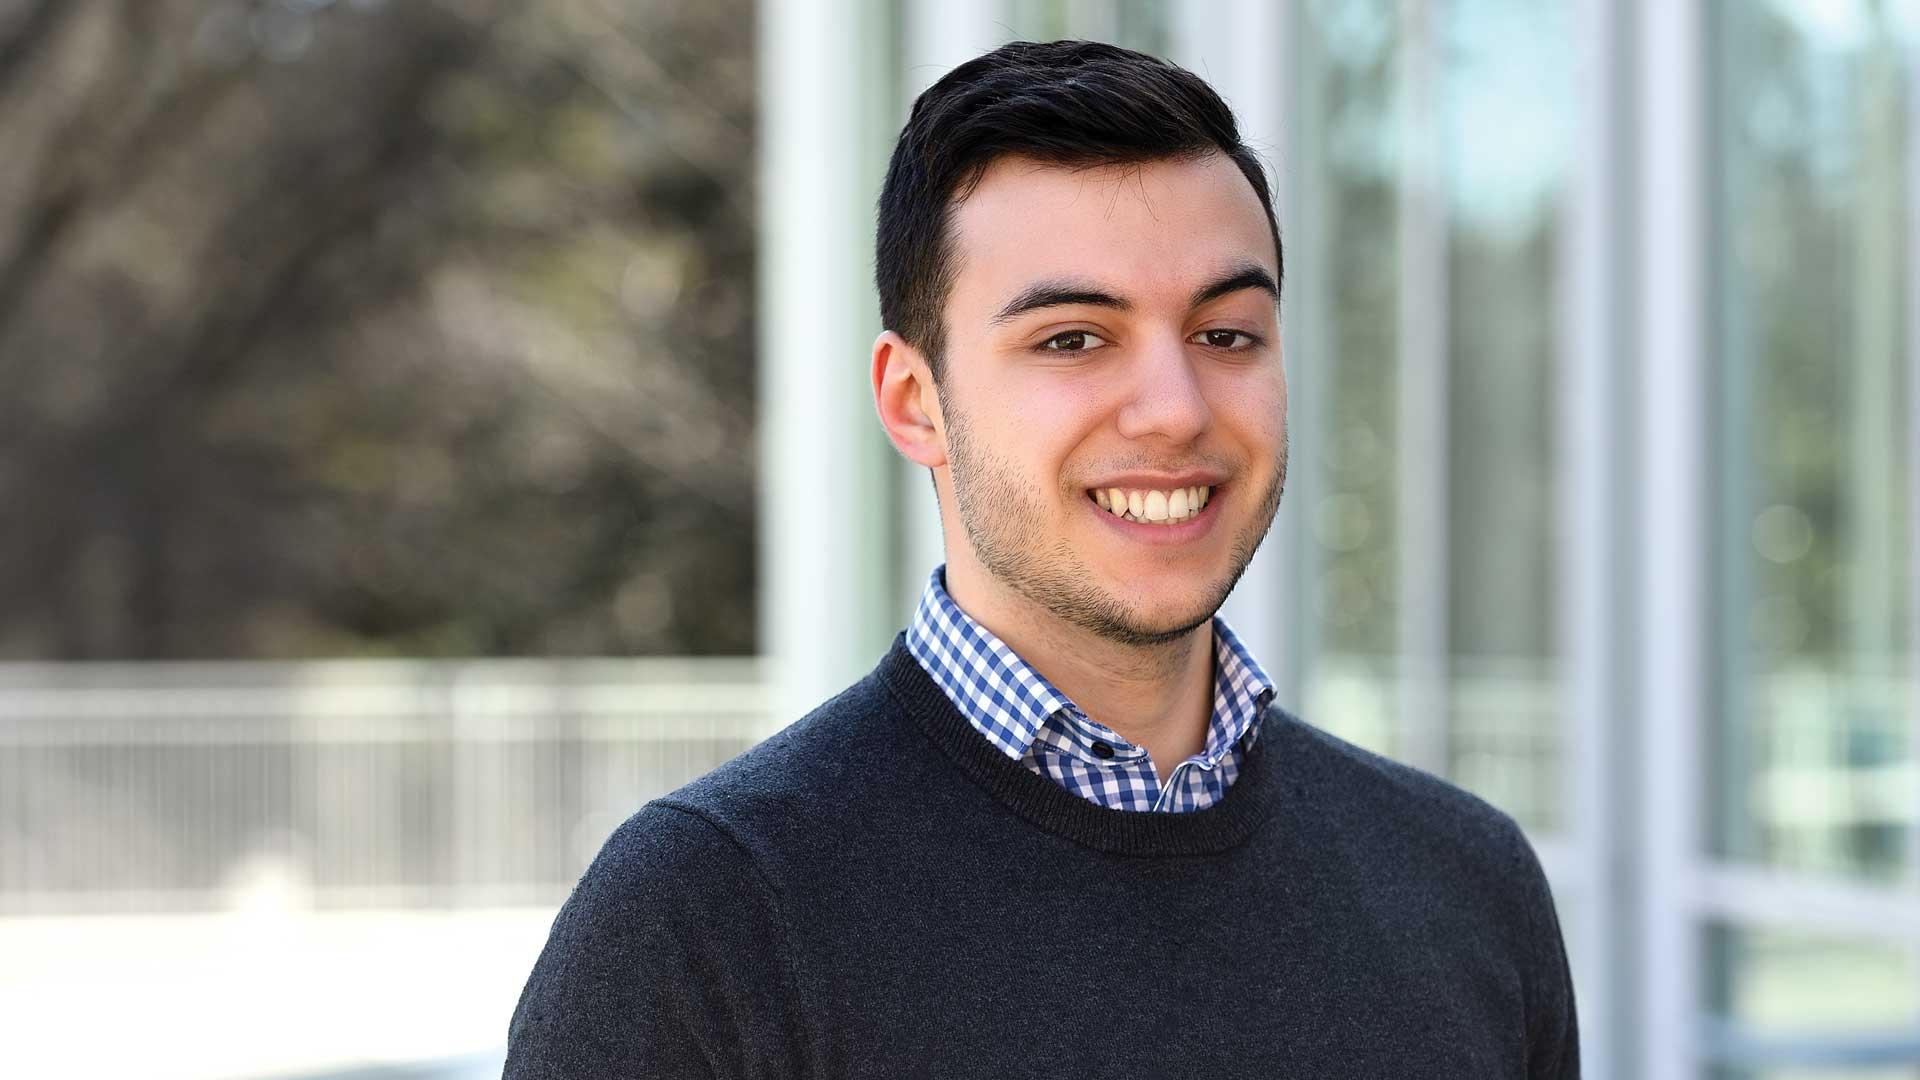 Junior economics major Johnny Saldana featured in Arts & Sciences Magazine